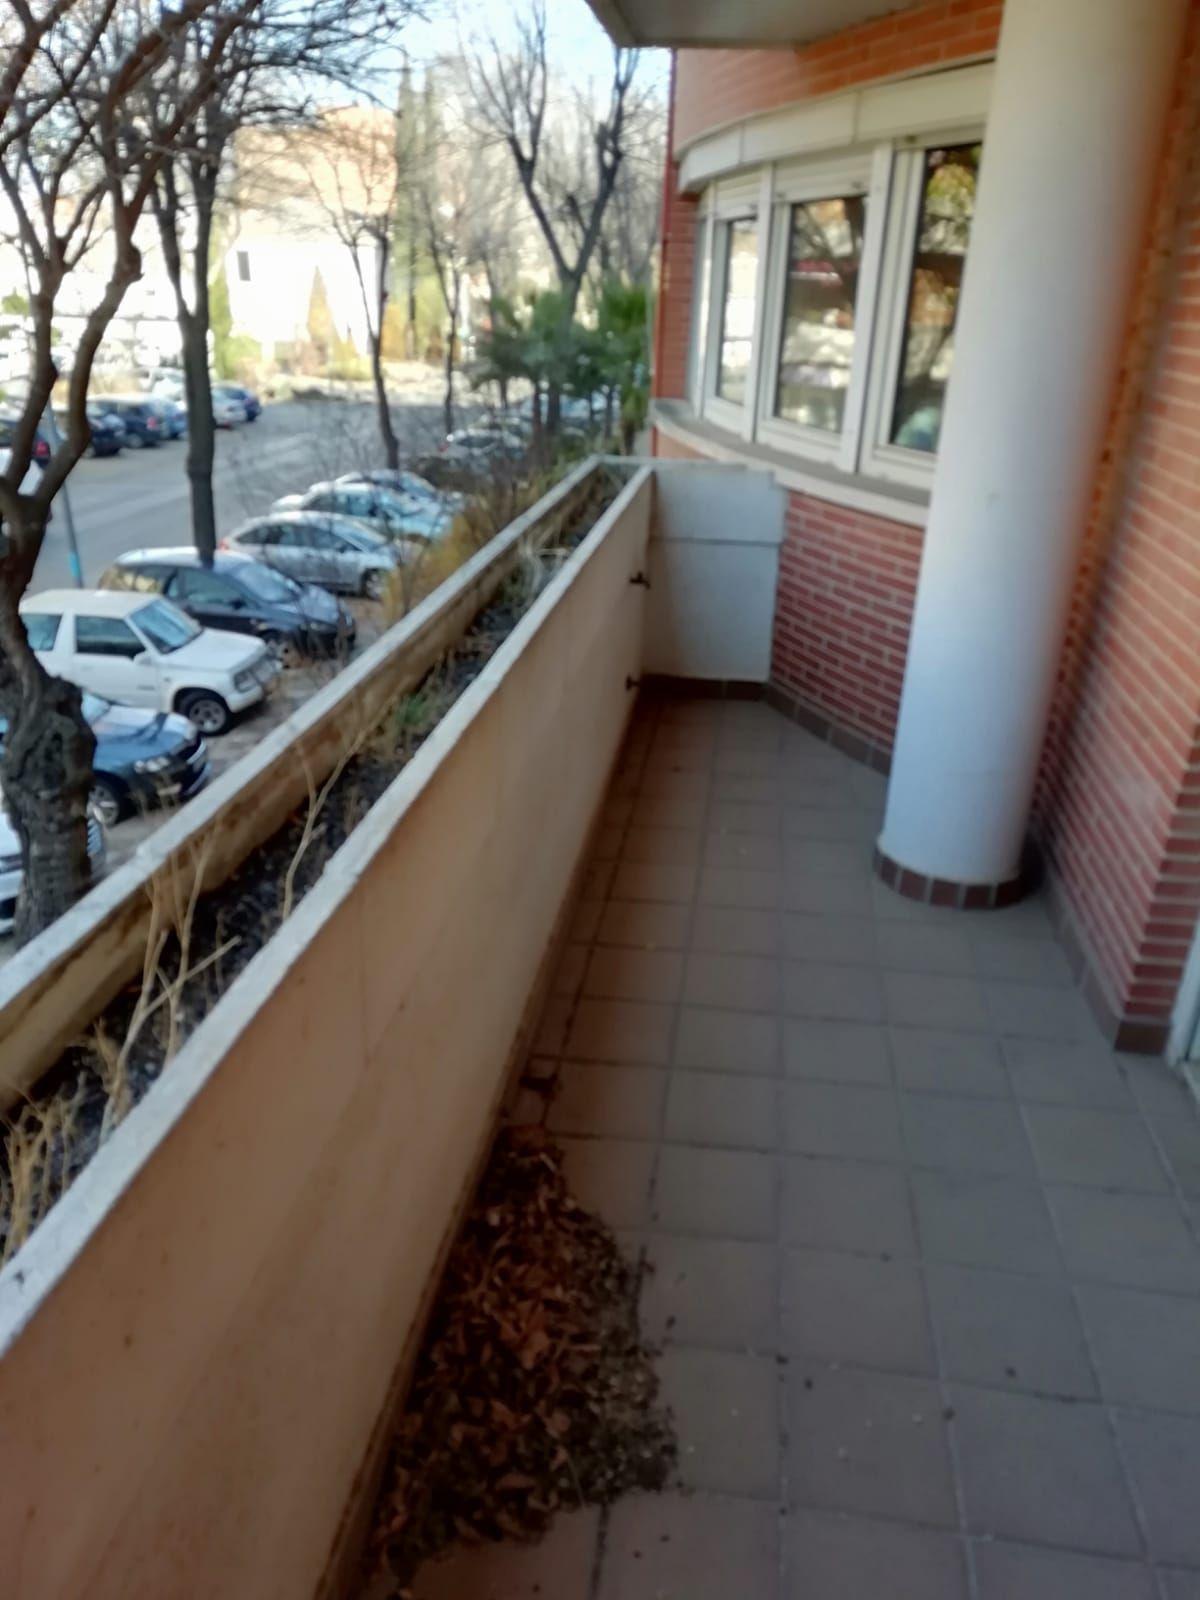 Piso en venta en Tomelloso, Ciudad Real, Paseo San Isidro, 105.000 €, 3 habitaciones, 2 baños, 130 m2